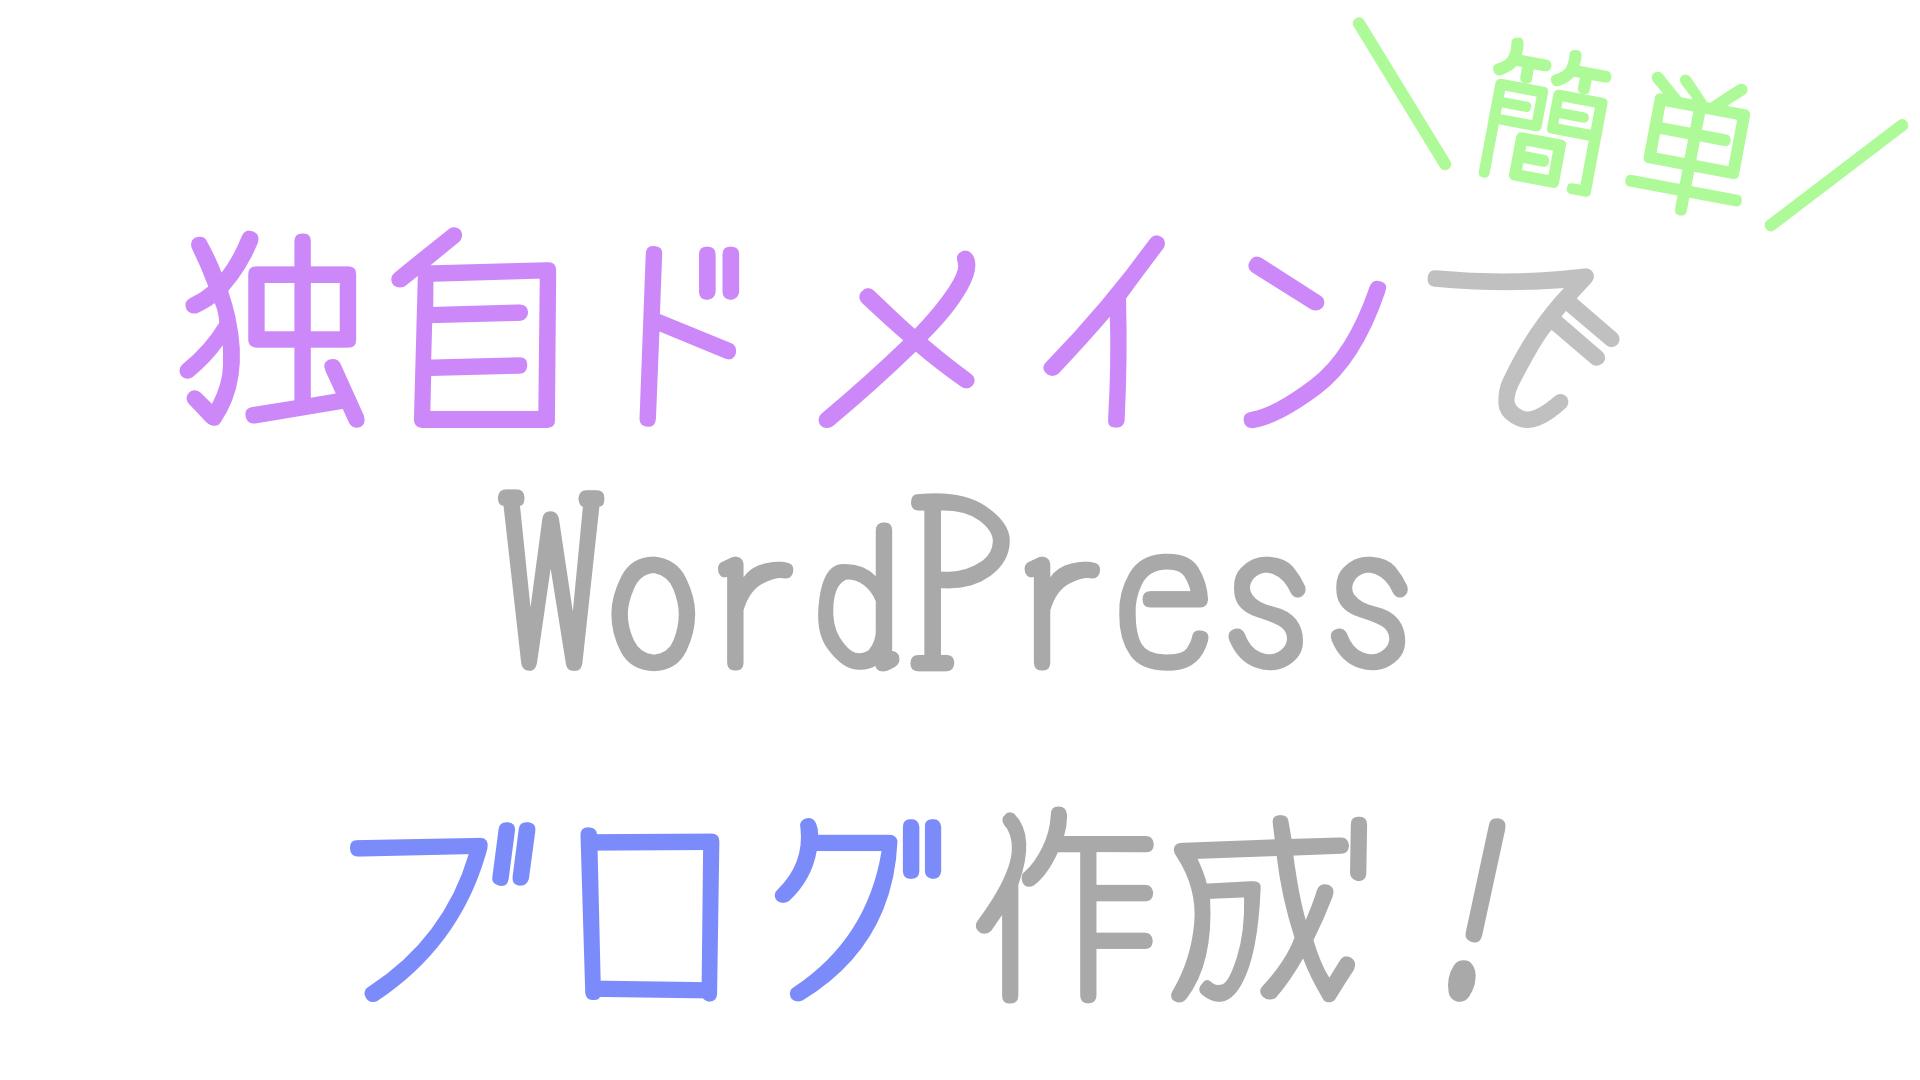 独自ドメインでWordPressブログ作成